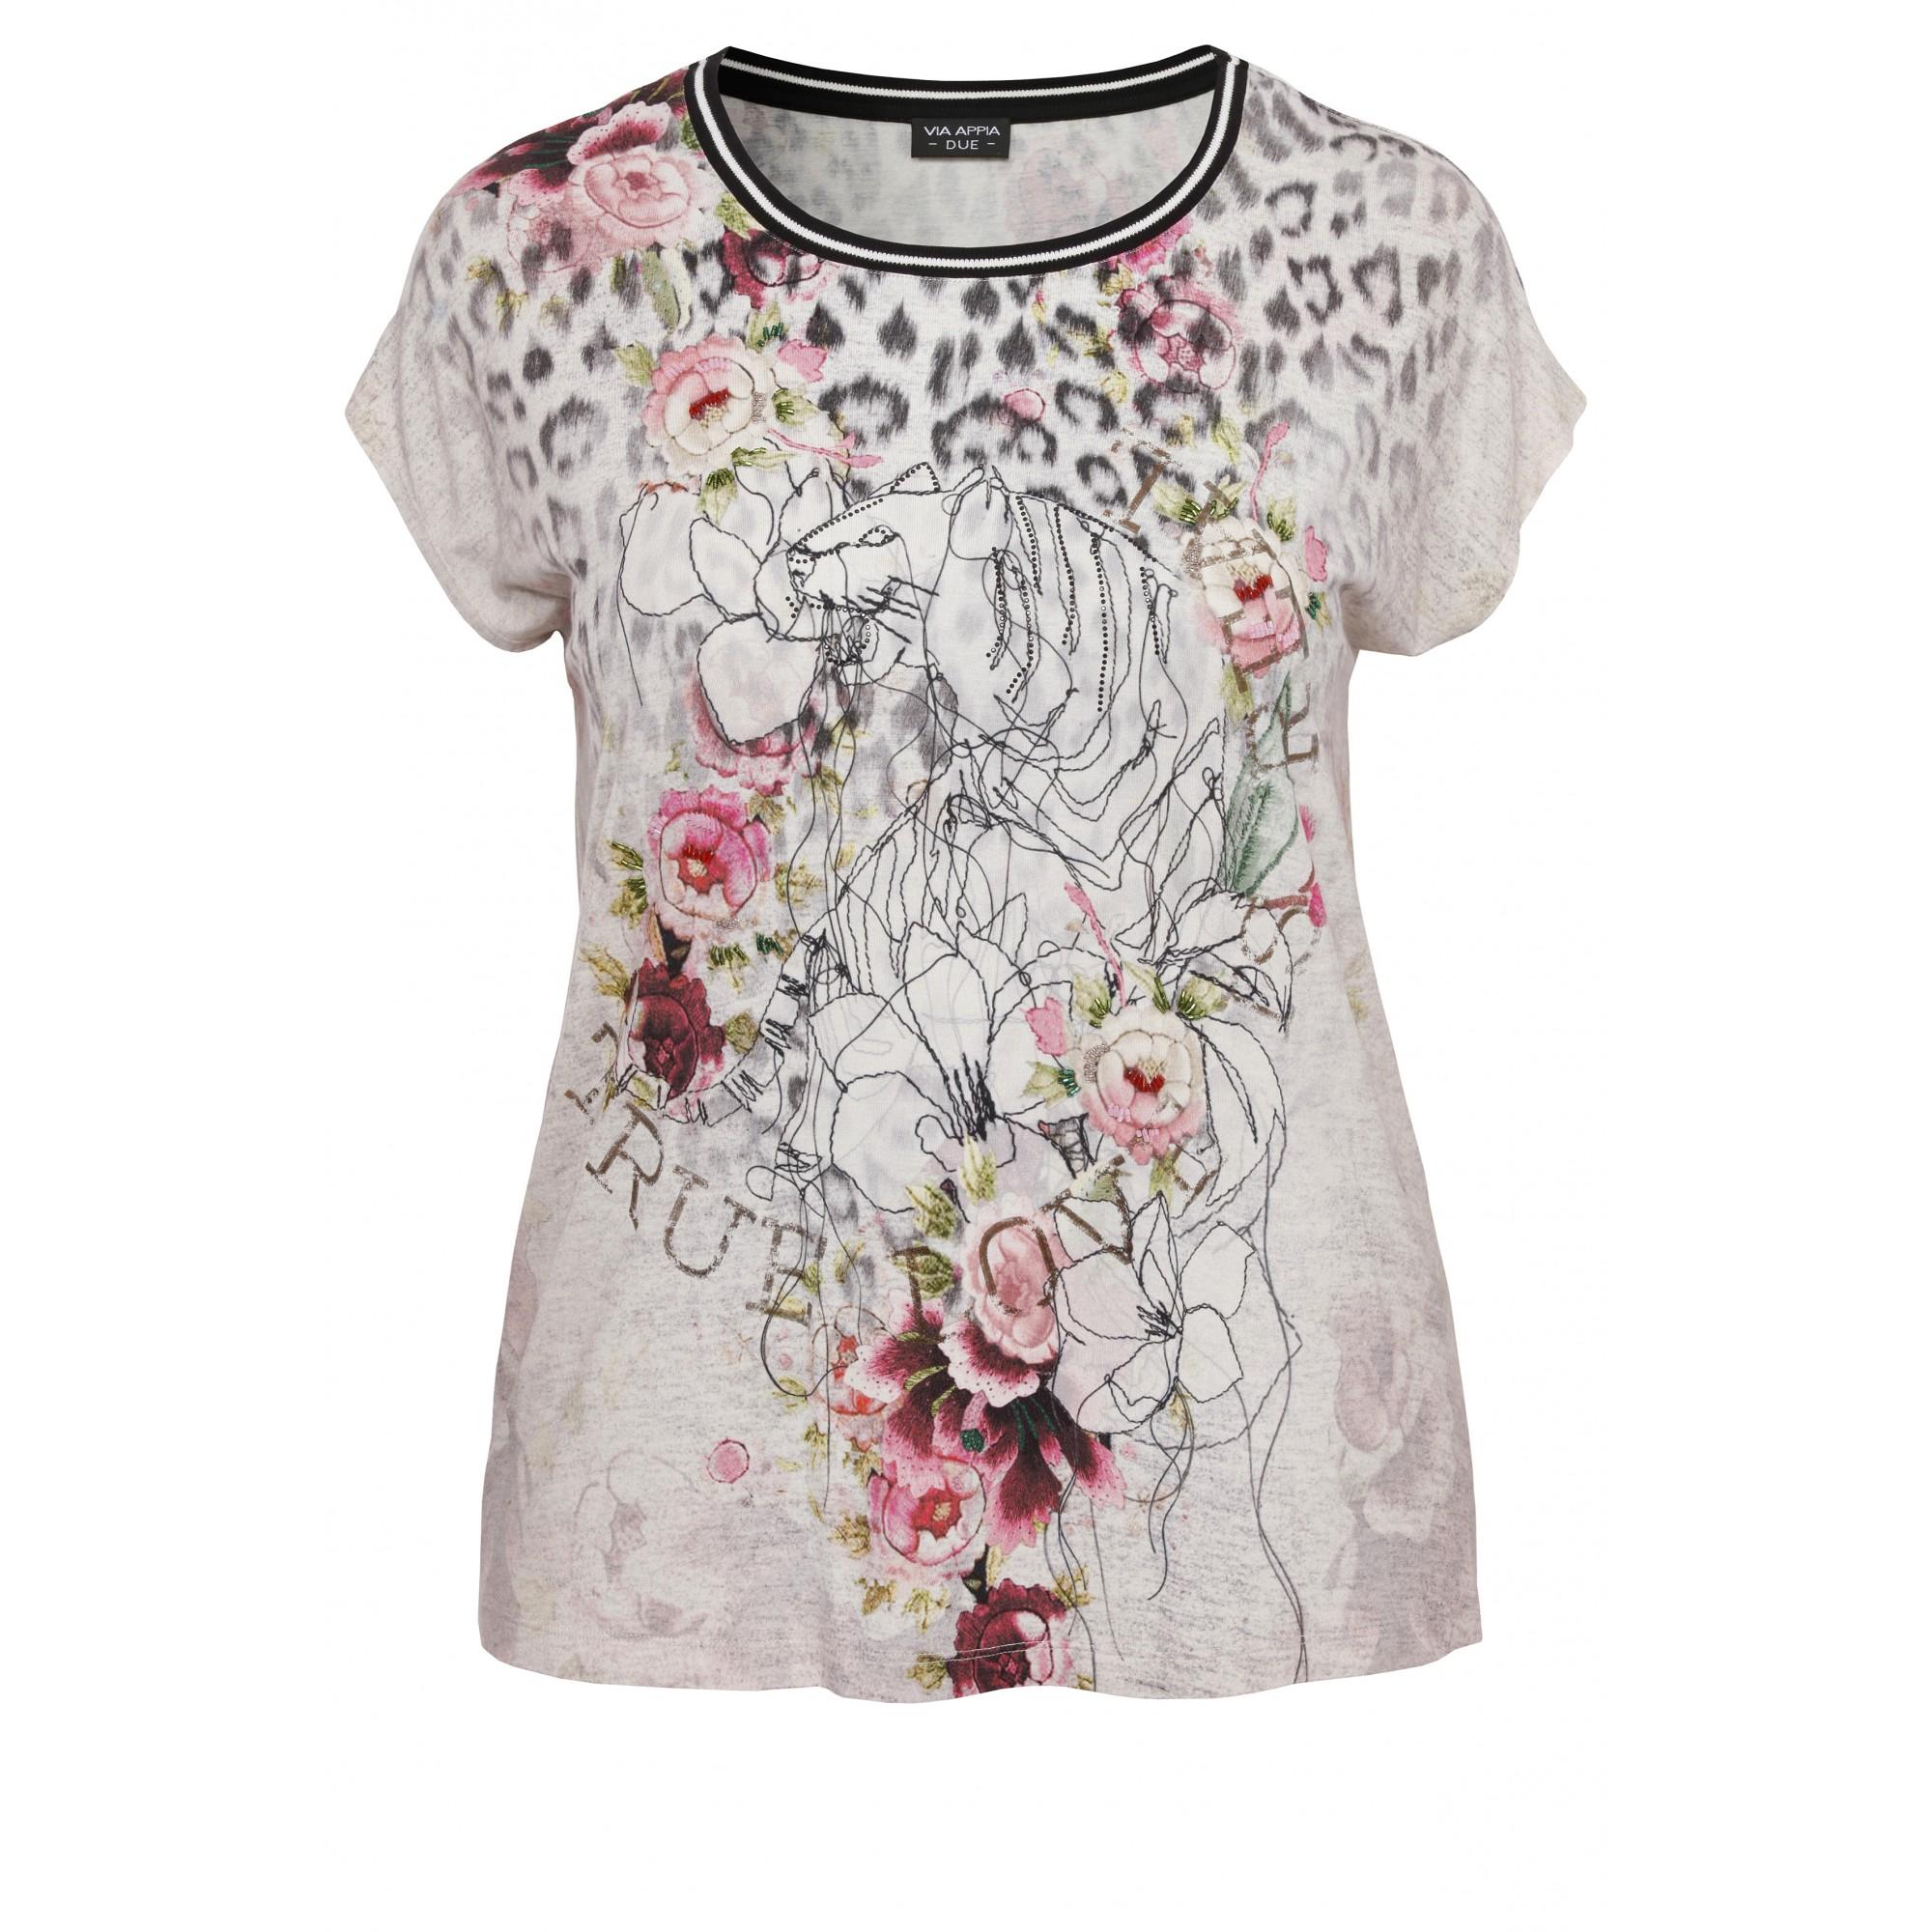 Romantisches Shirt mit Print